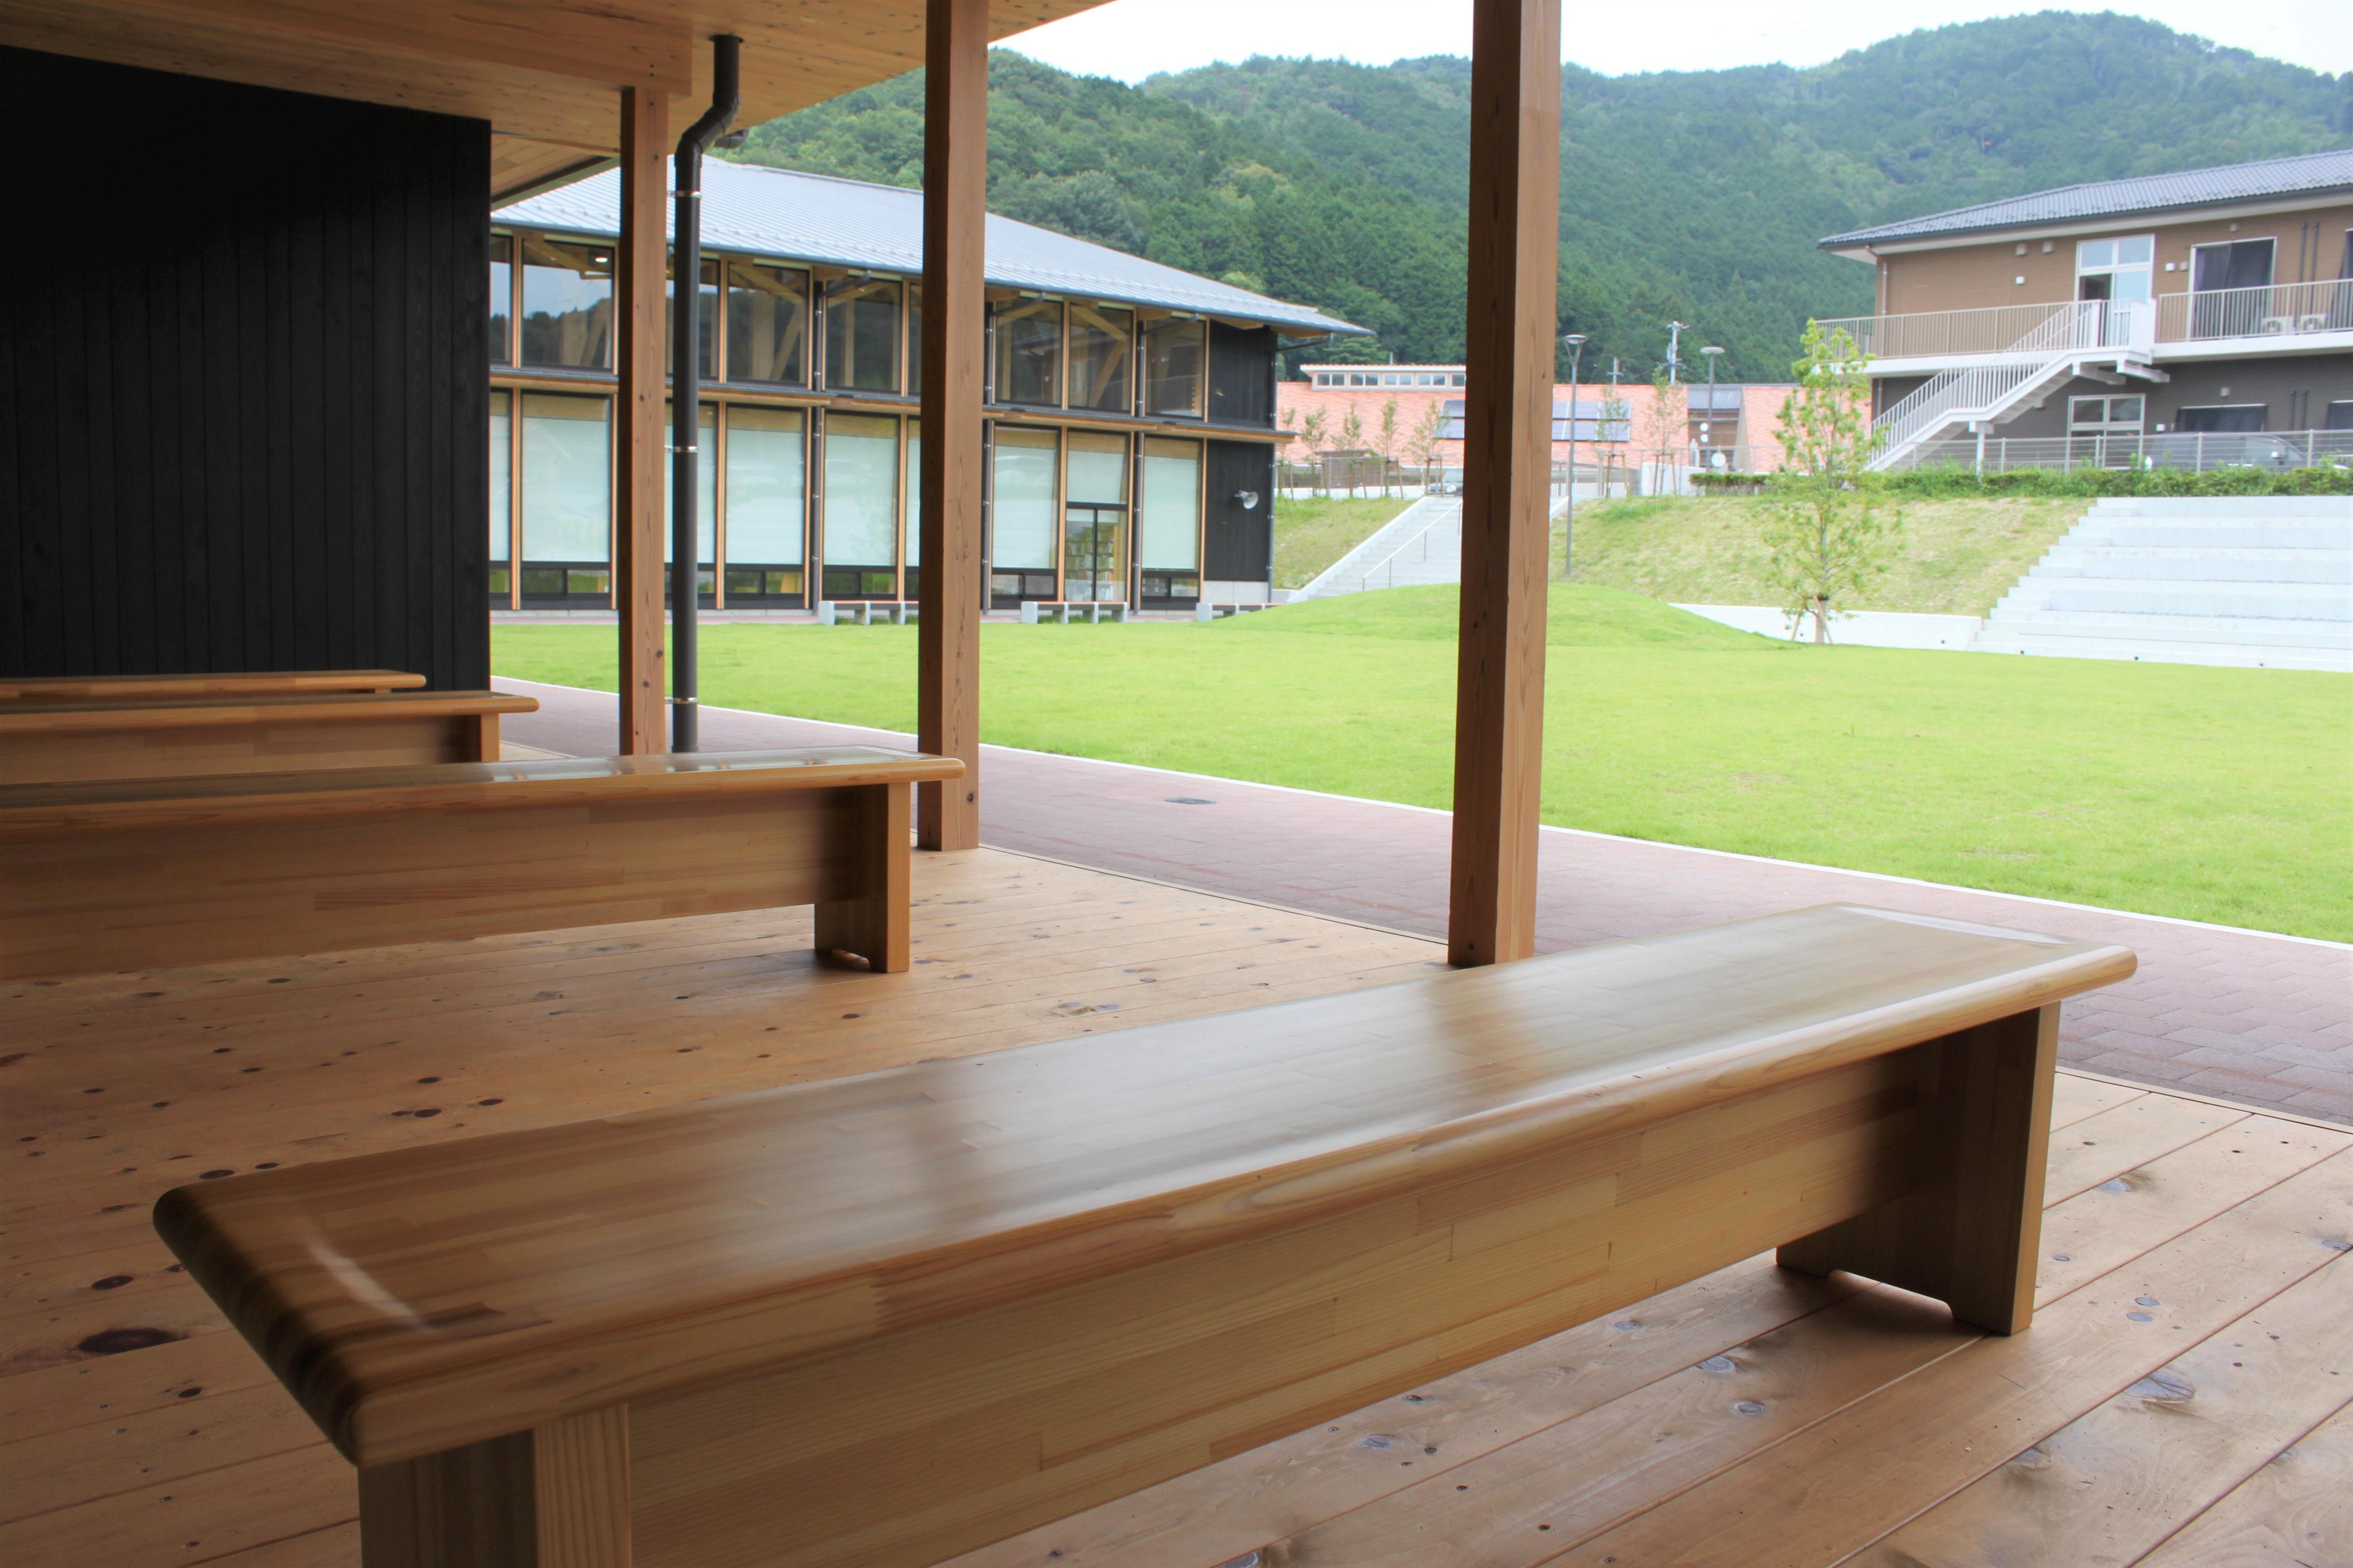 ゆっくり座れるベンチと広い庭